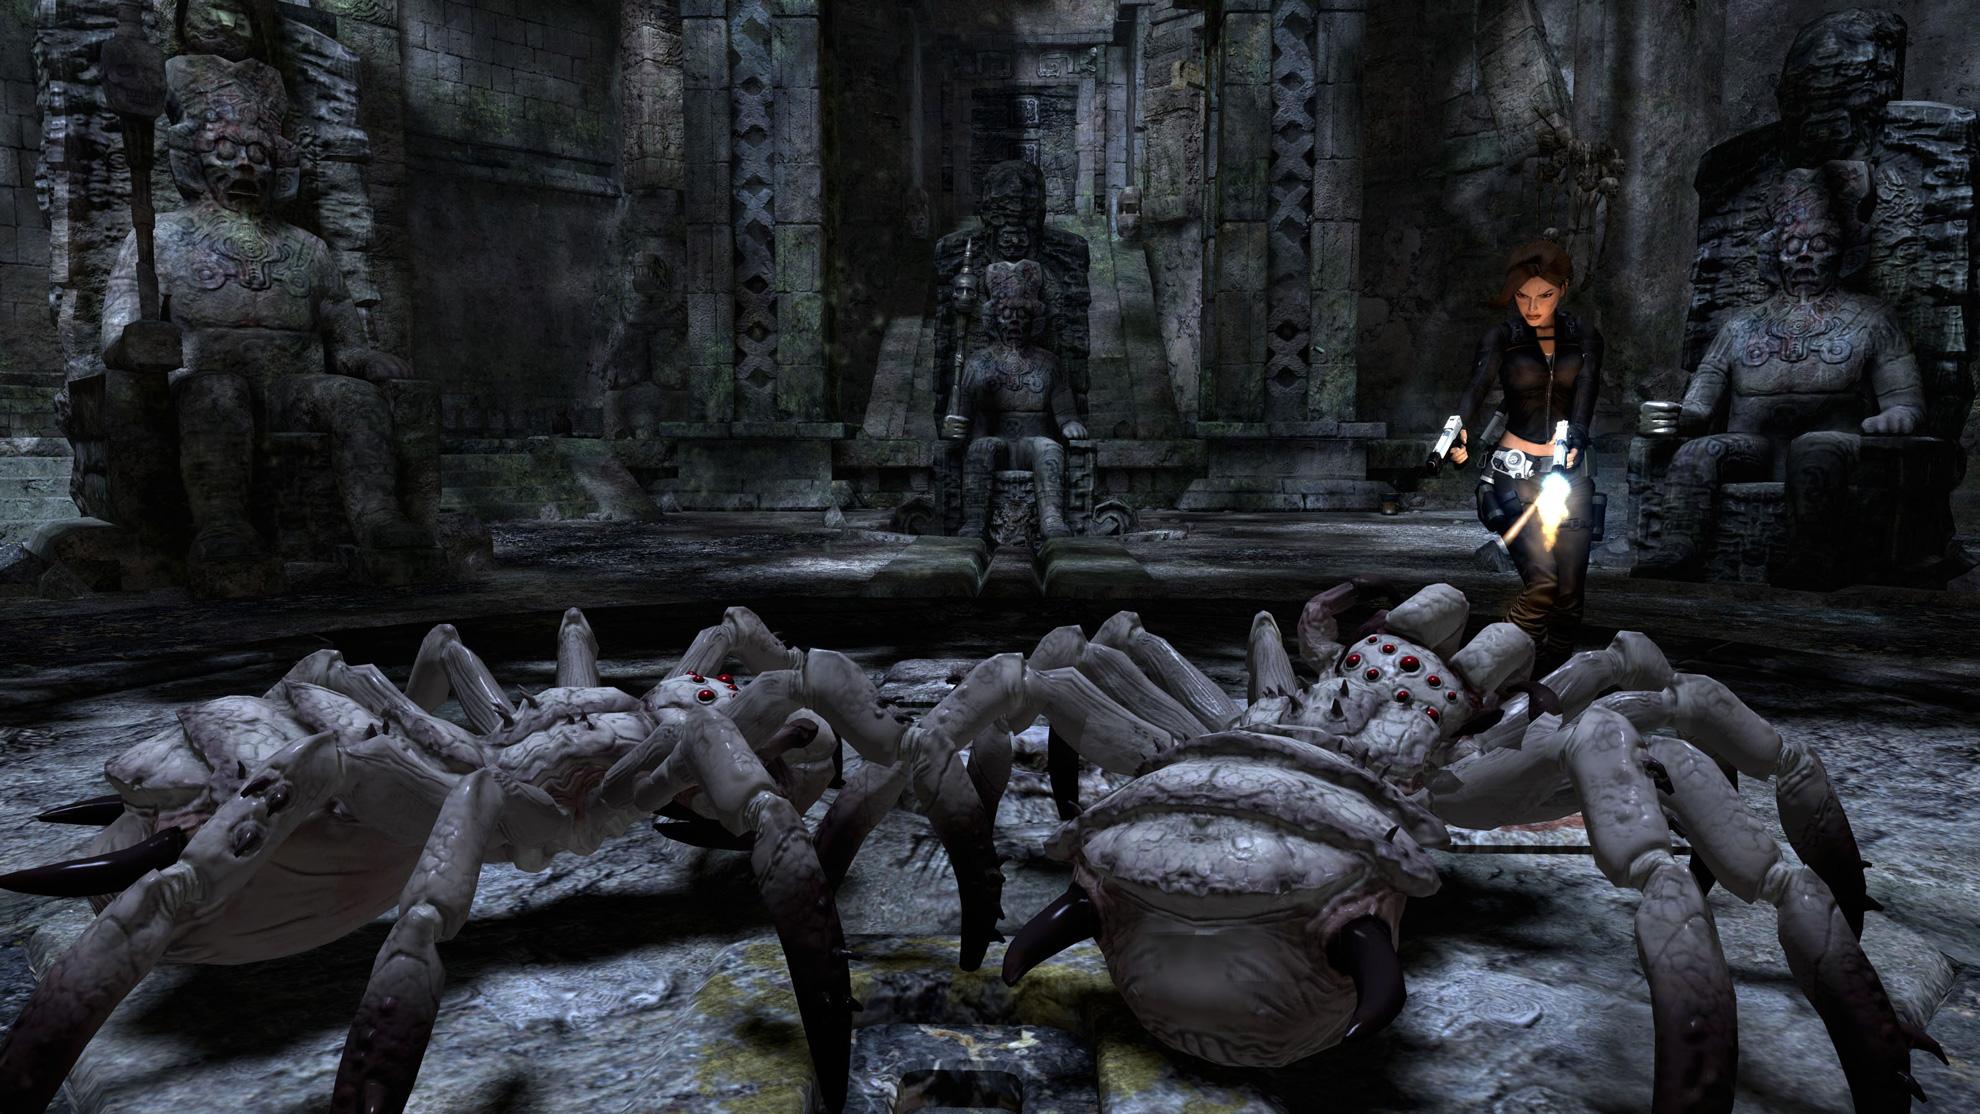 古墓丽影8地下世界游戏高清截图欣赏